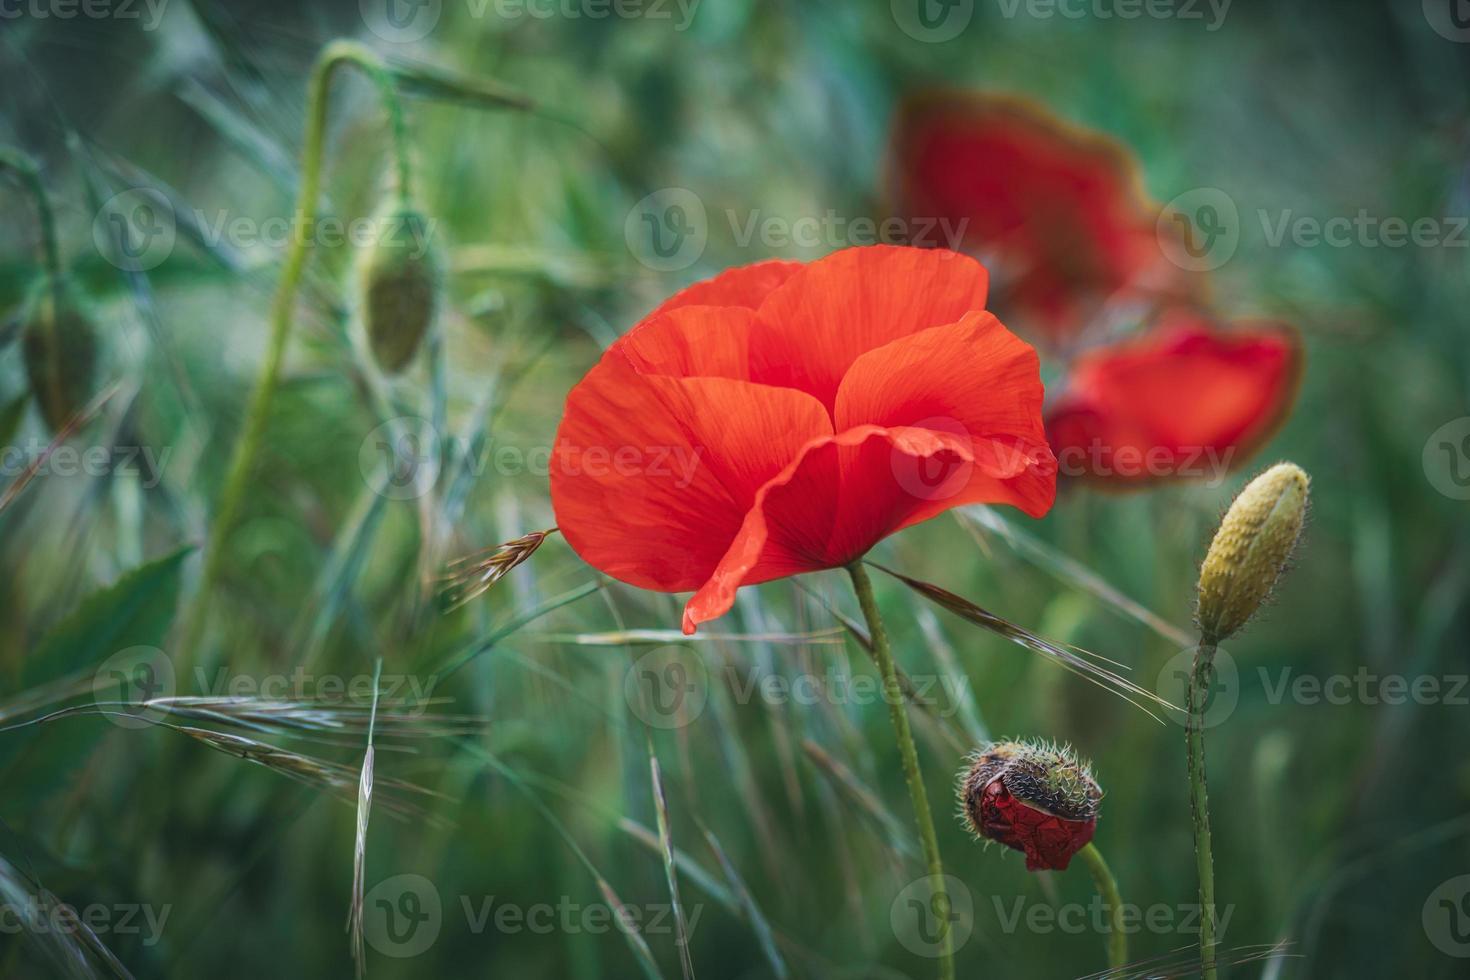 flor de amapola roja entre espigas de trigo verde foto